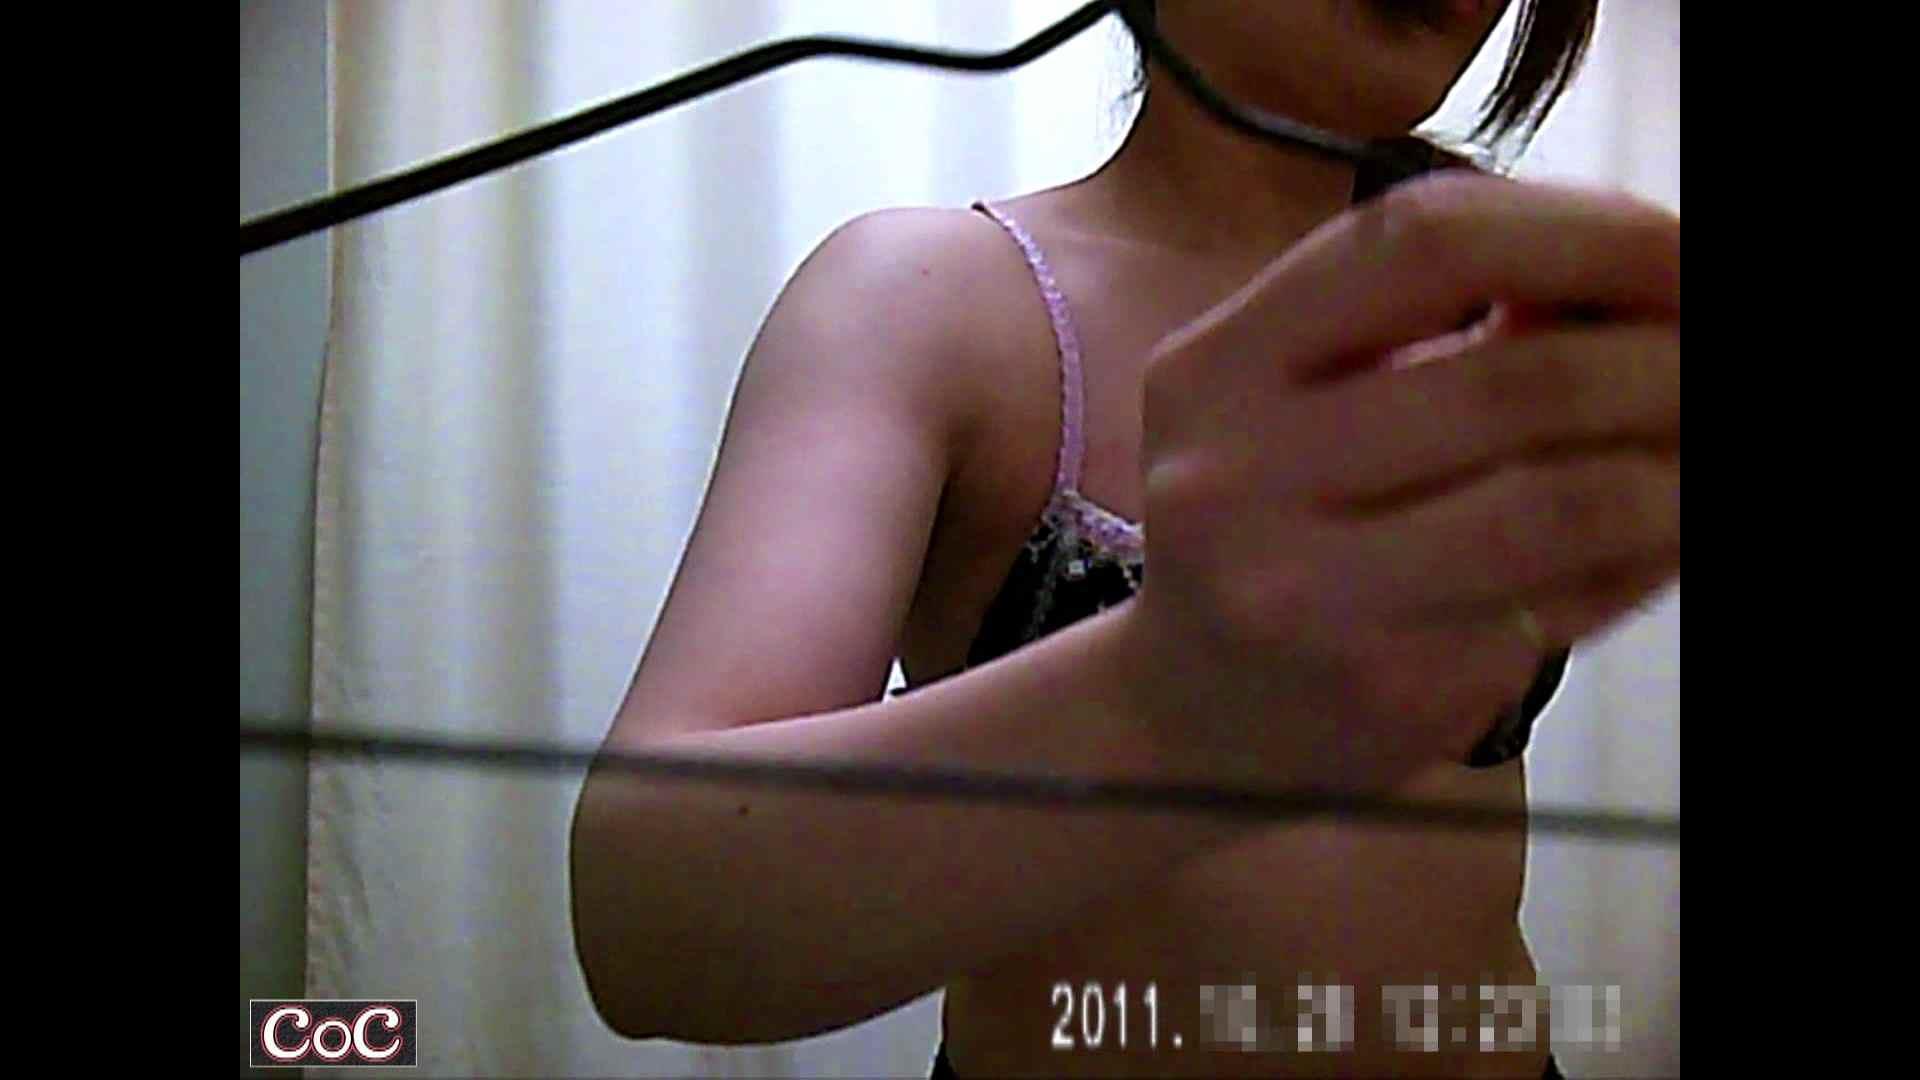 おまんこ丸見え|元医者による反抗 更衣室地獄絵巻 vol.222|怪盗ジョーカー